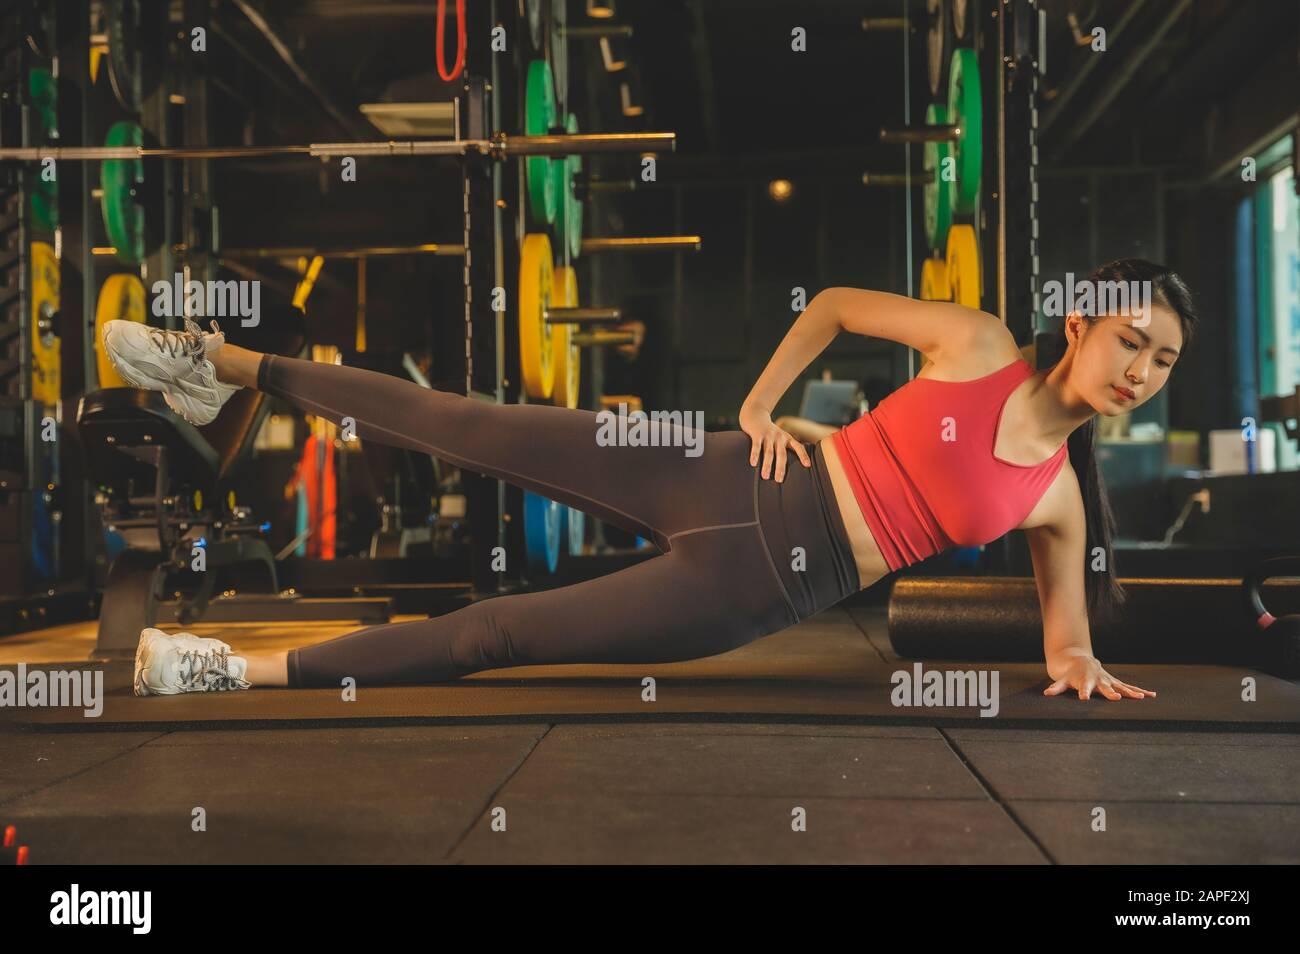 Esercizio maschile e femminile in palestra. Sport, fitness, sollevamento pesi e formazione Concept 086 Foto Stock